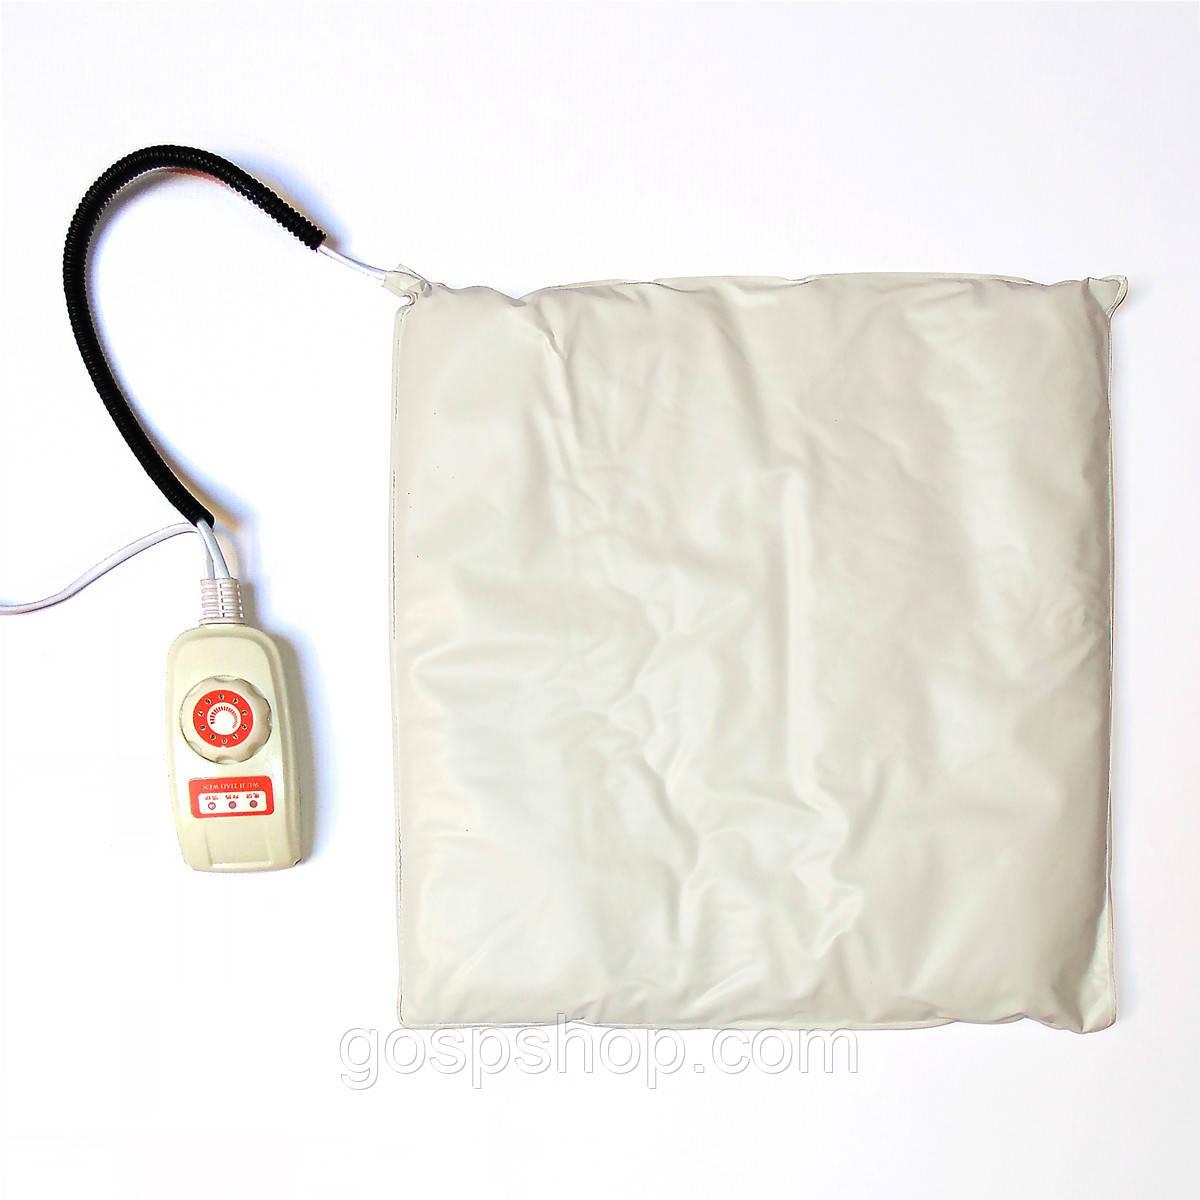 Нагревательный коврик с регулятором 40*40 см